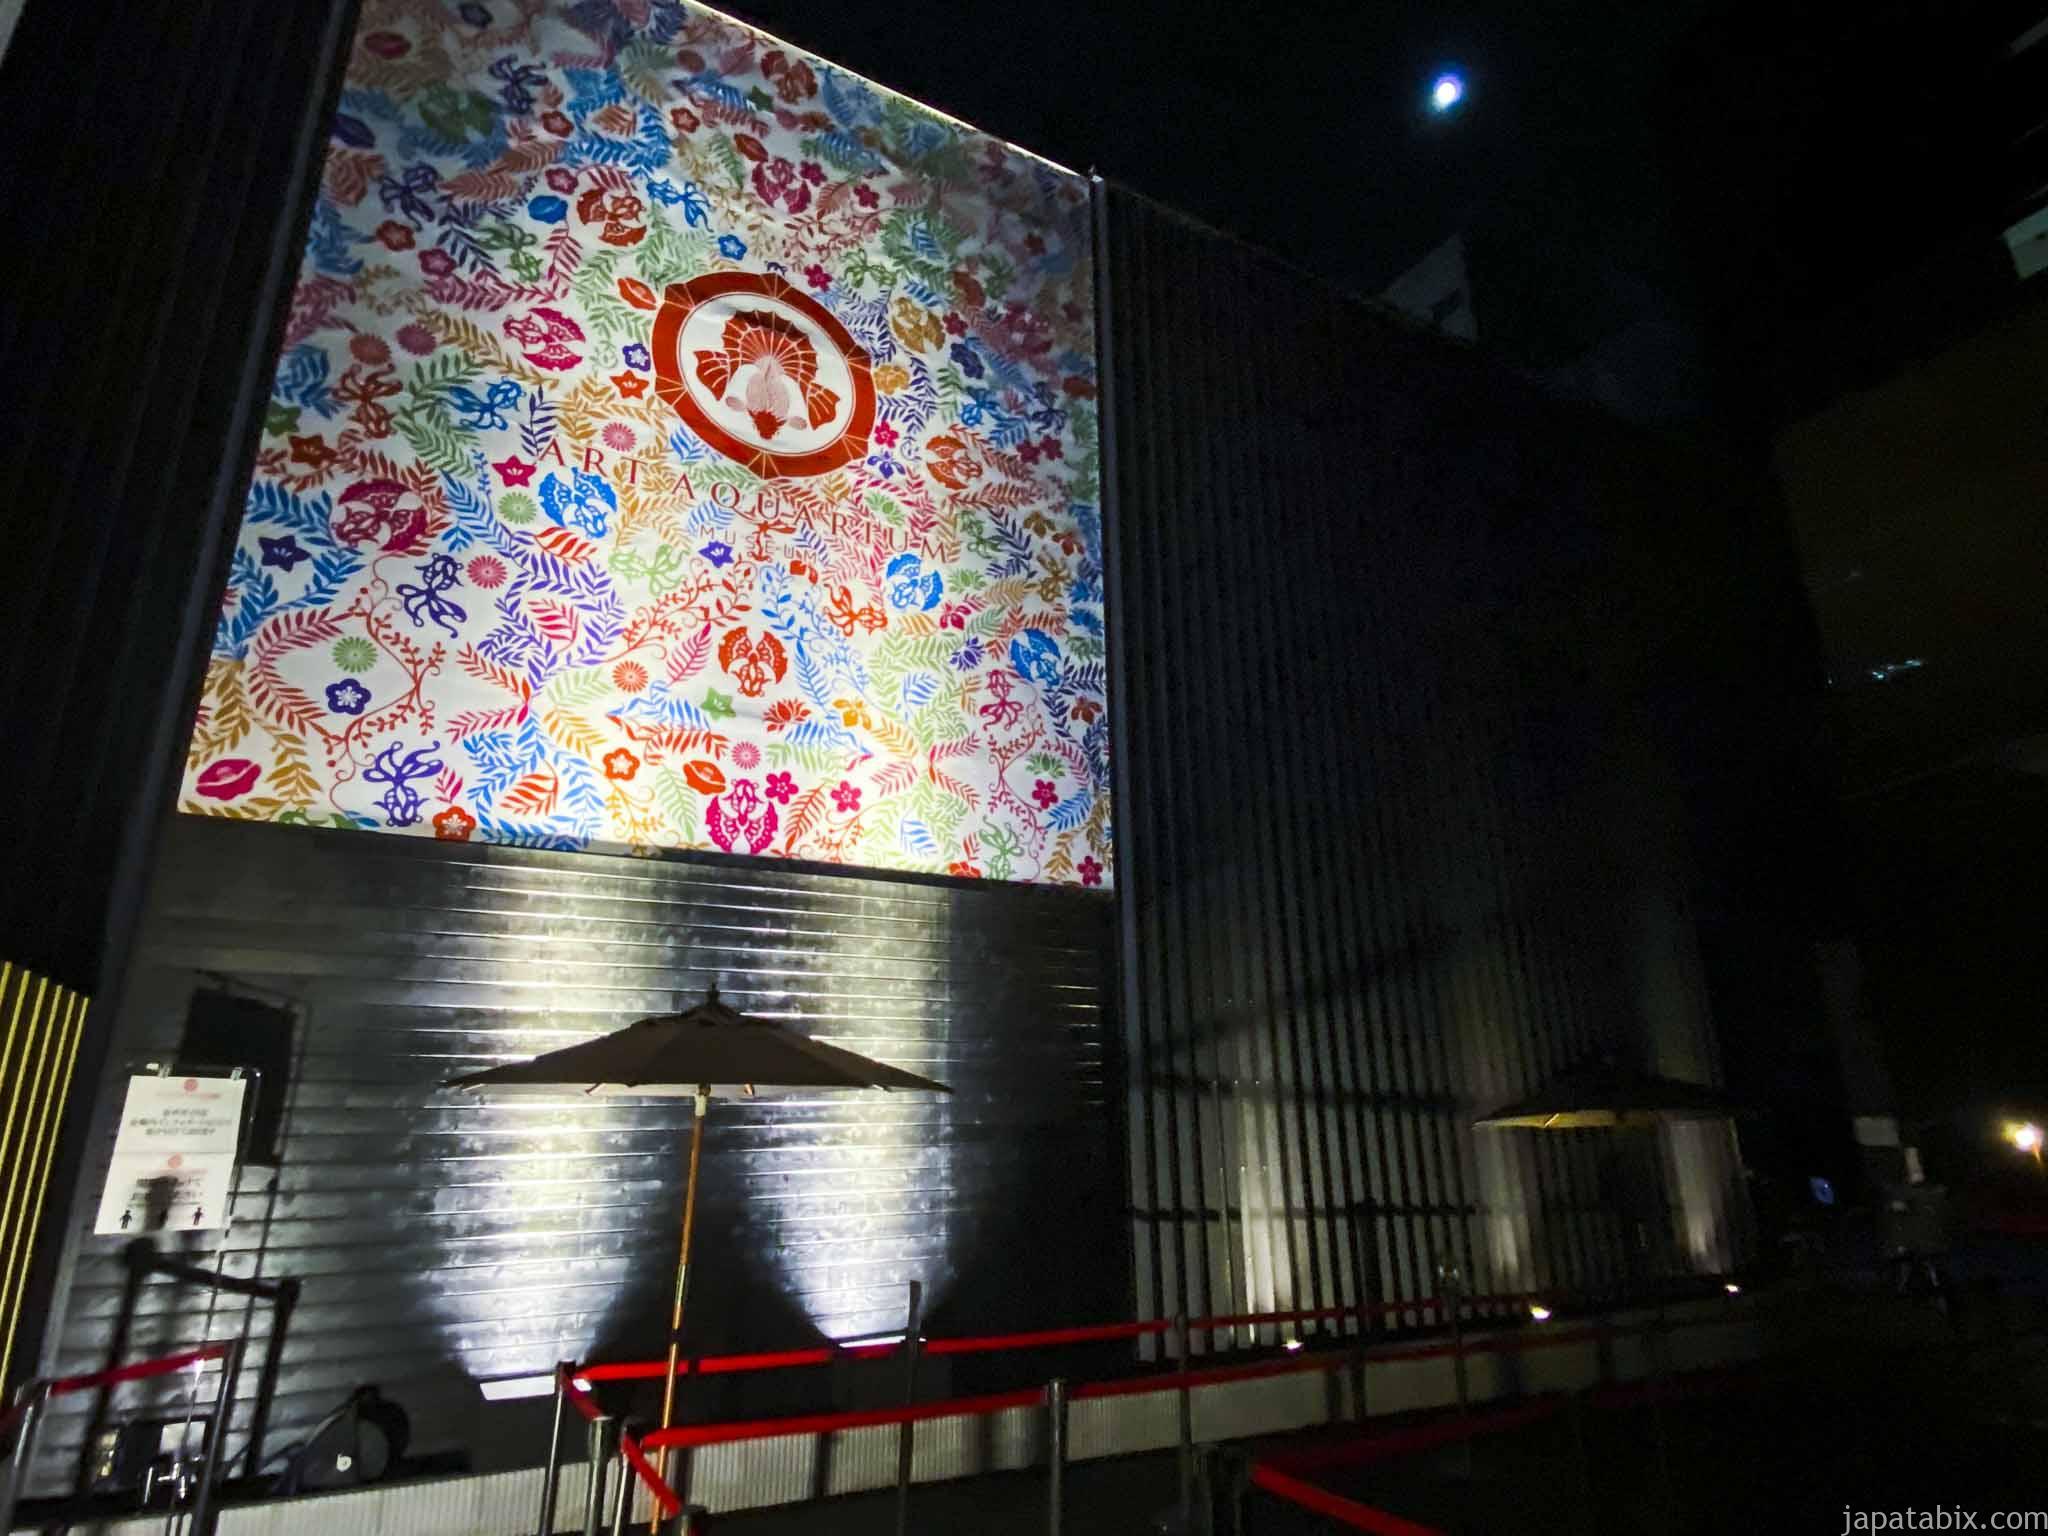 アートアクアリウム美術館 正面入り口